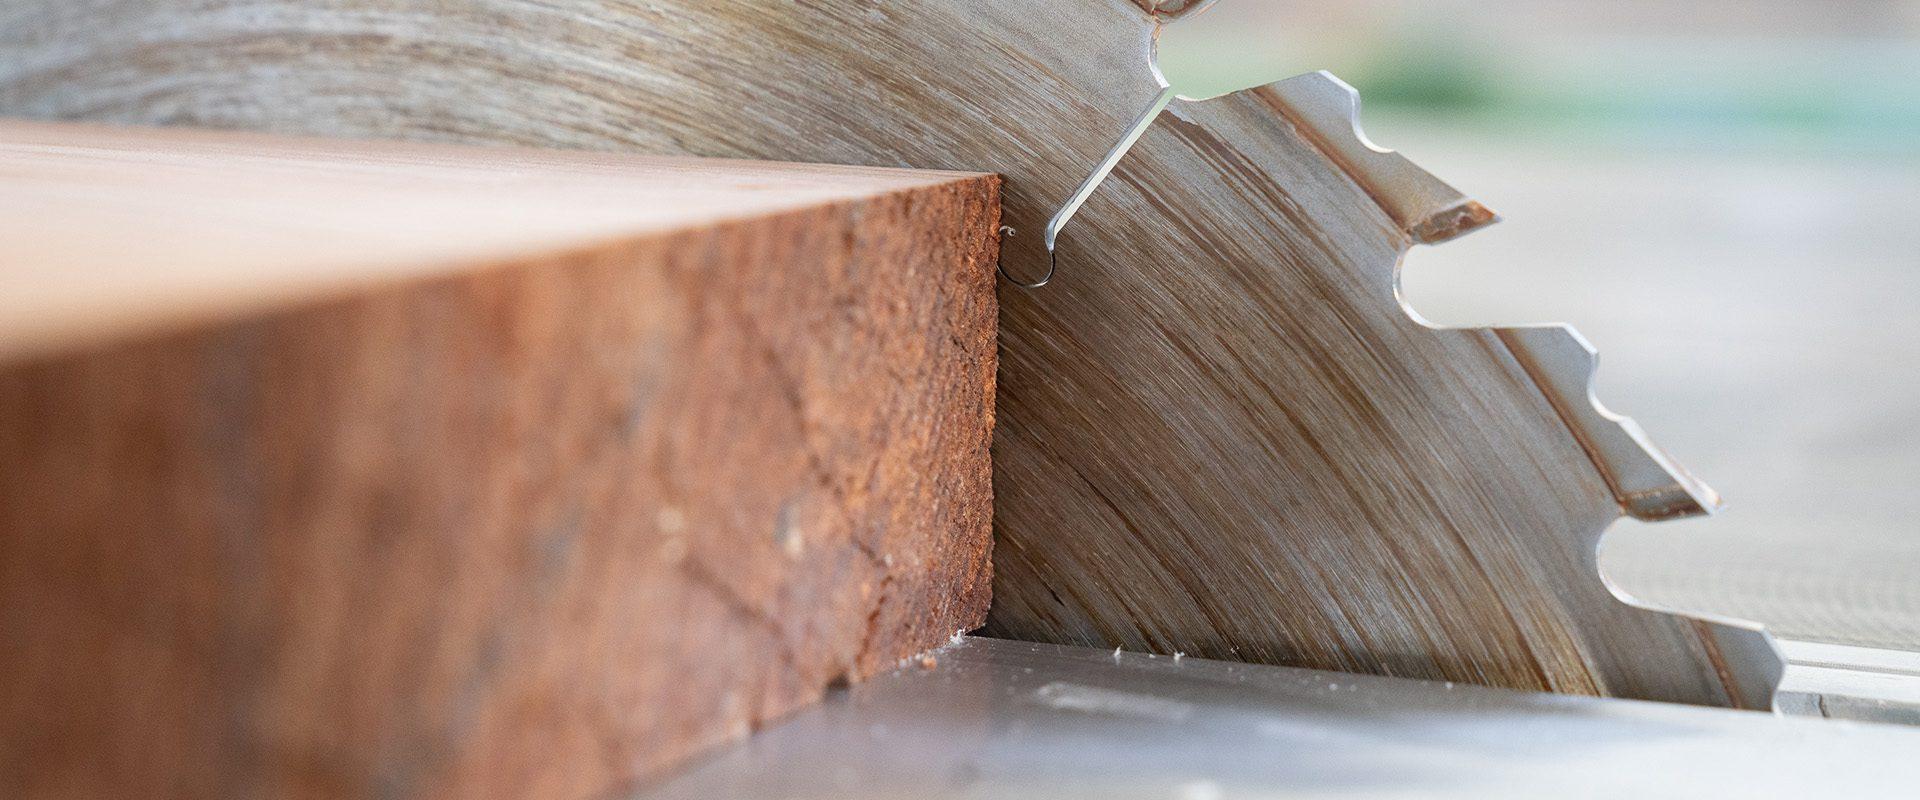 Schreinerarbeiten Holzzuschnitt